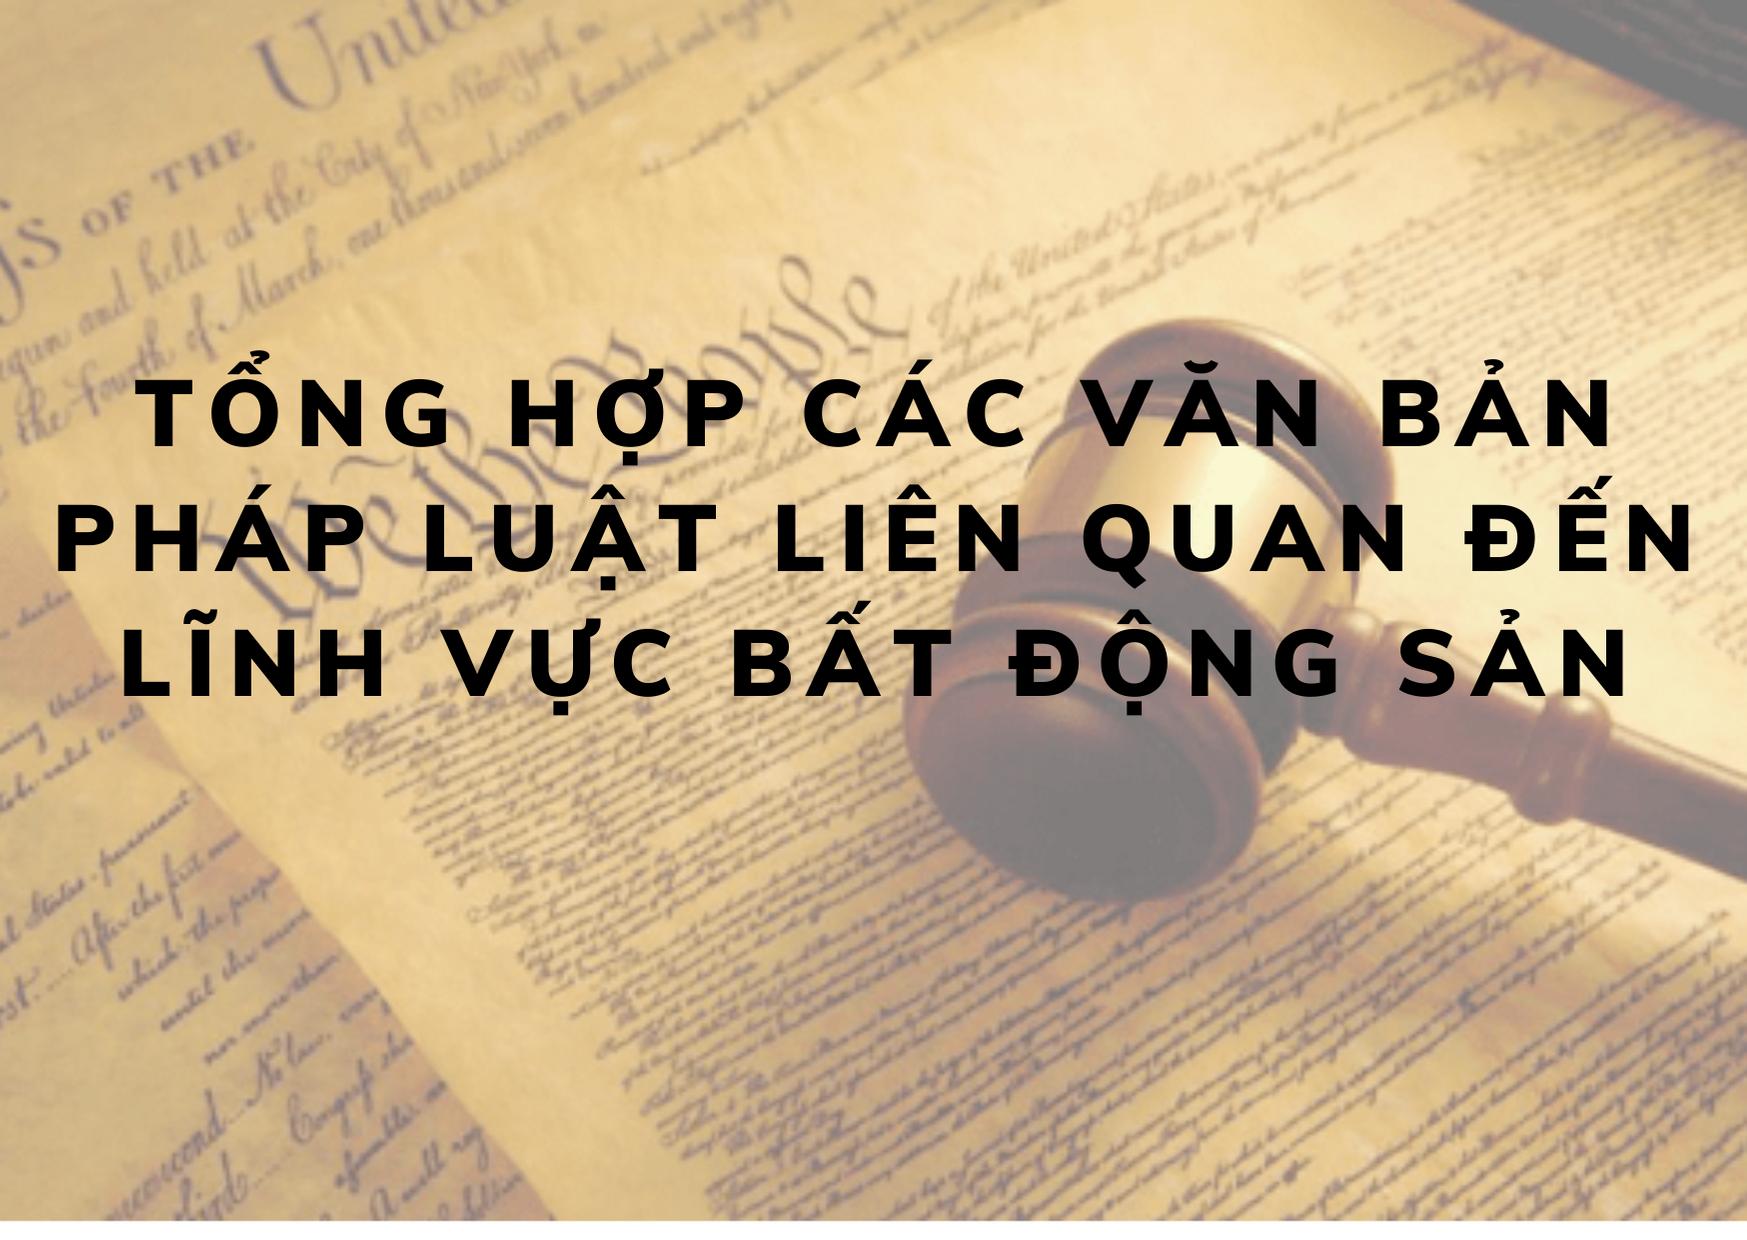 Tổng hợp các văn bản pháp luật liên quan đến lĩnh vực BĐS